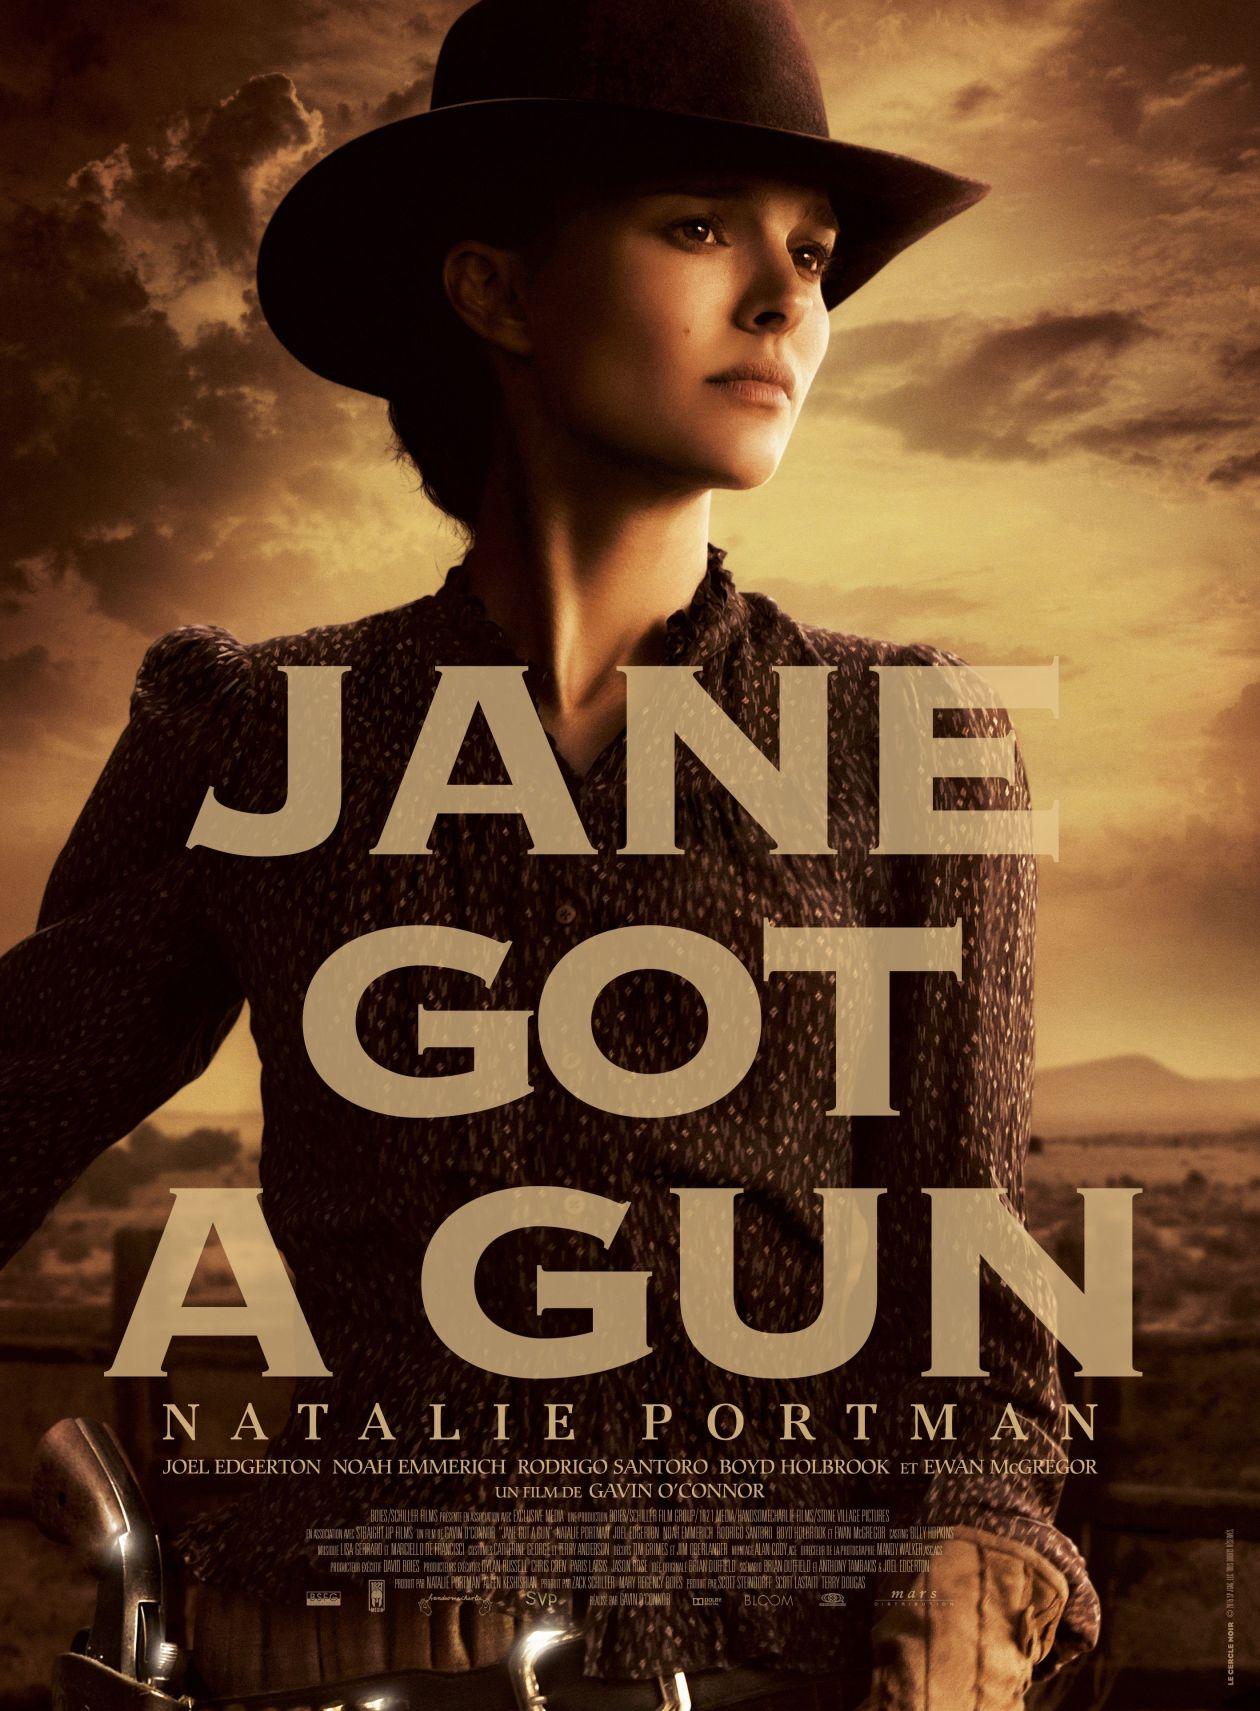 Natalie Portman actress | Jane got a gun | Gavin O'Connor 2015 Movie Poster Affiche film